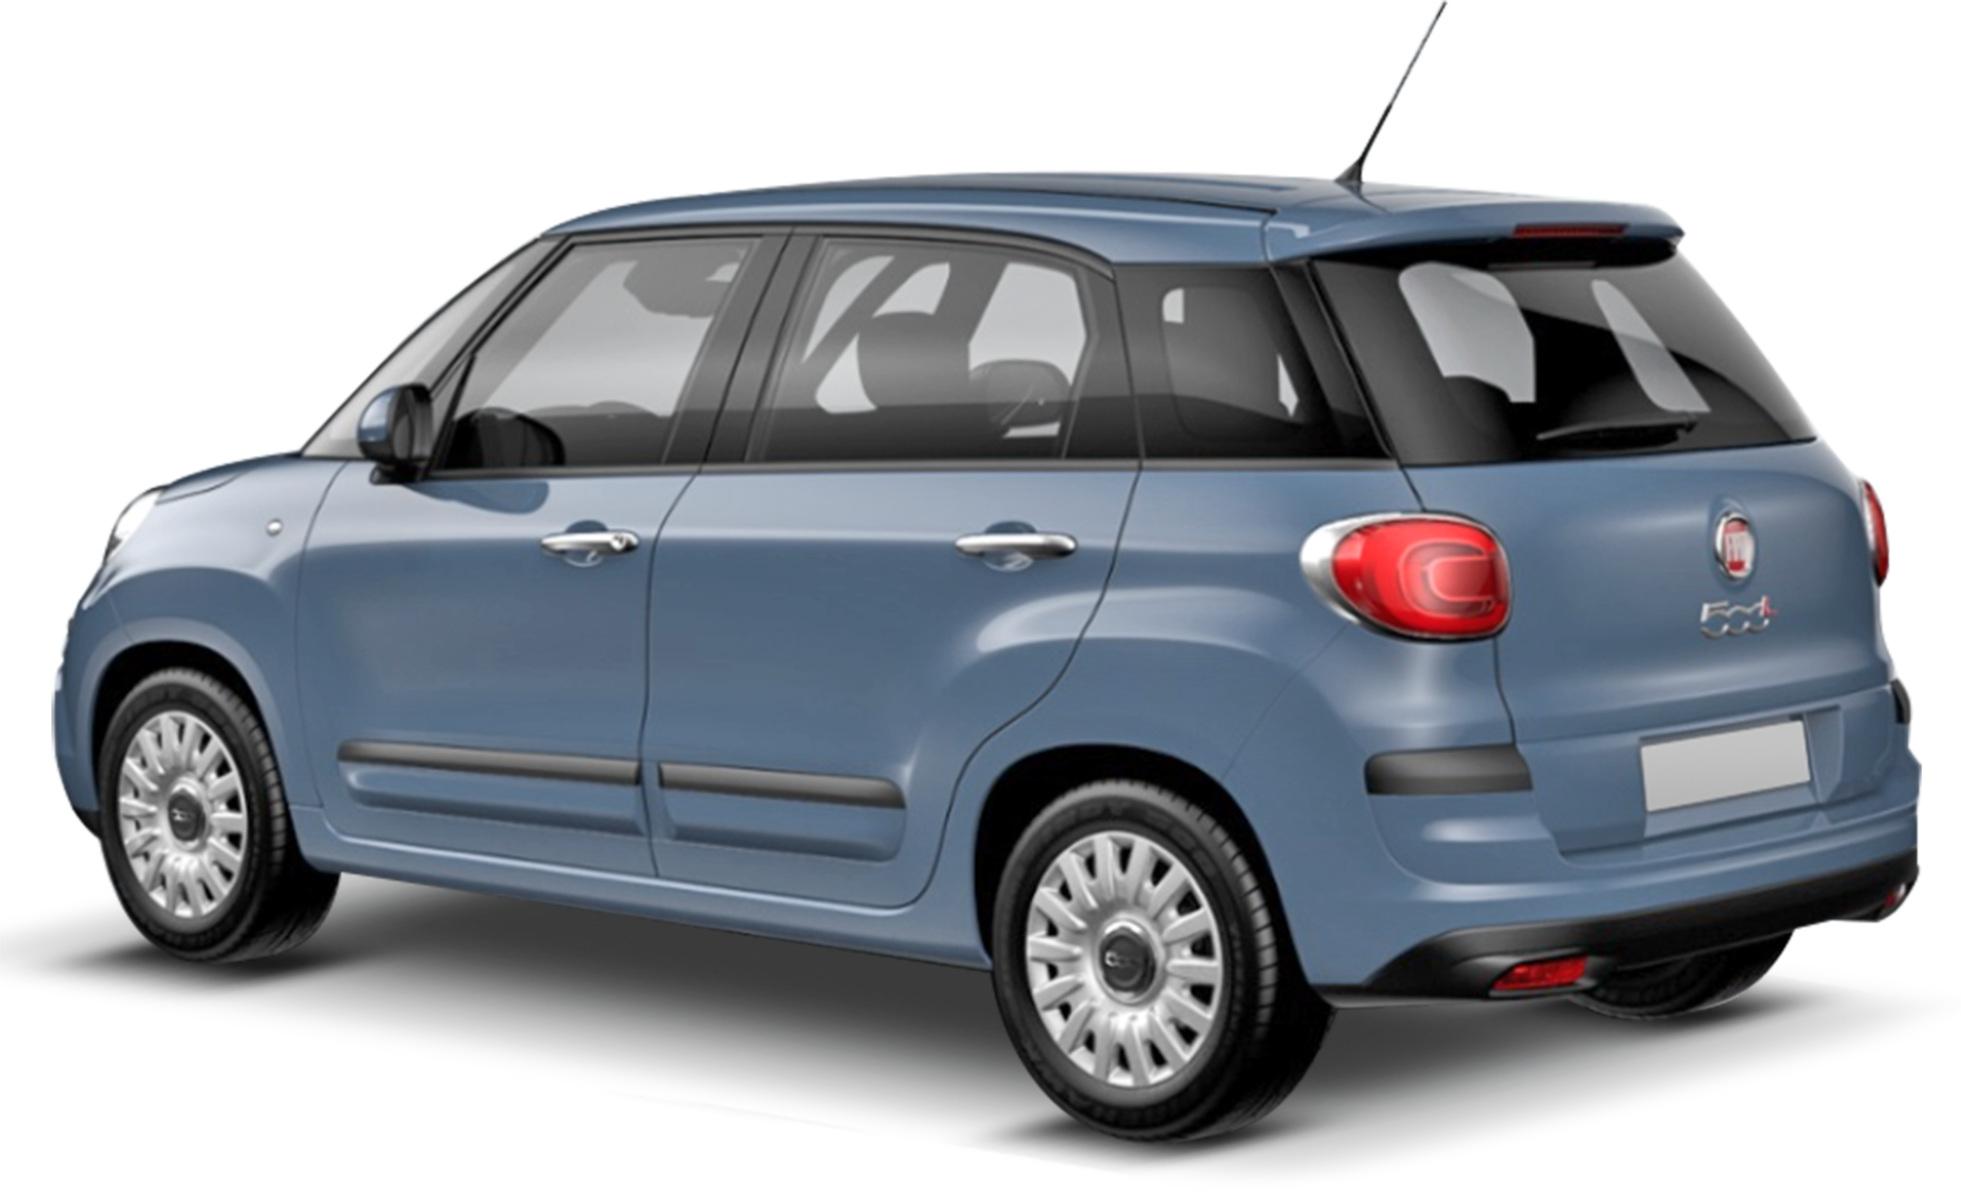 Listino Fiat 500l Prezzo Scheda Tecnica Consumi Foto